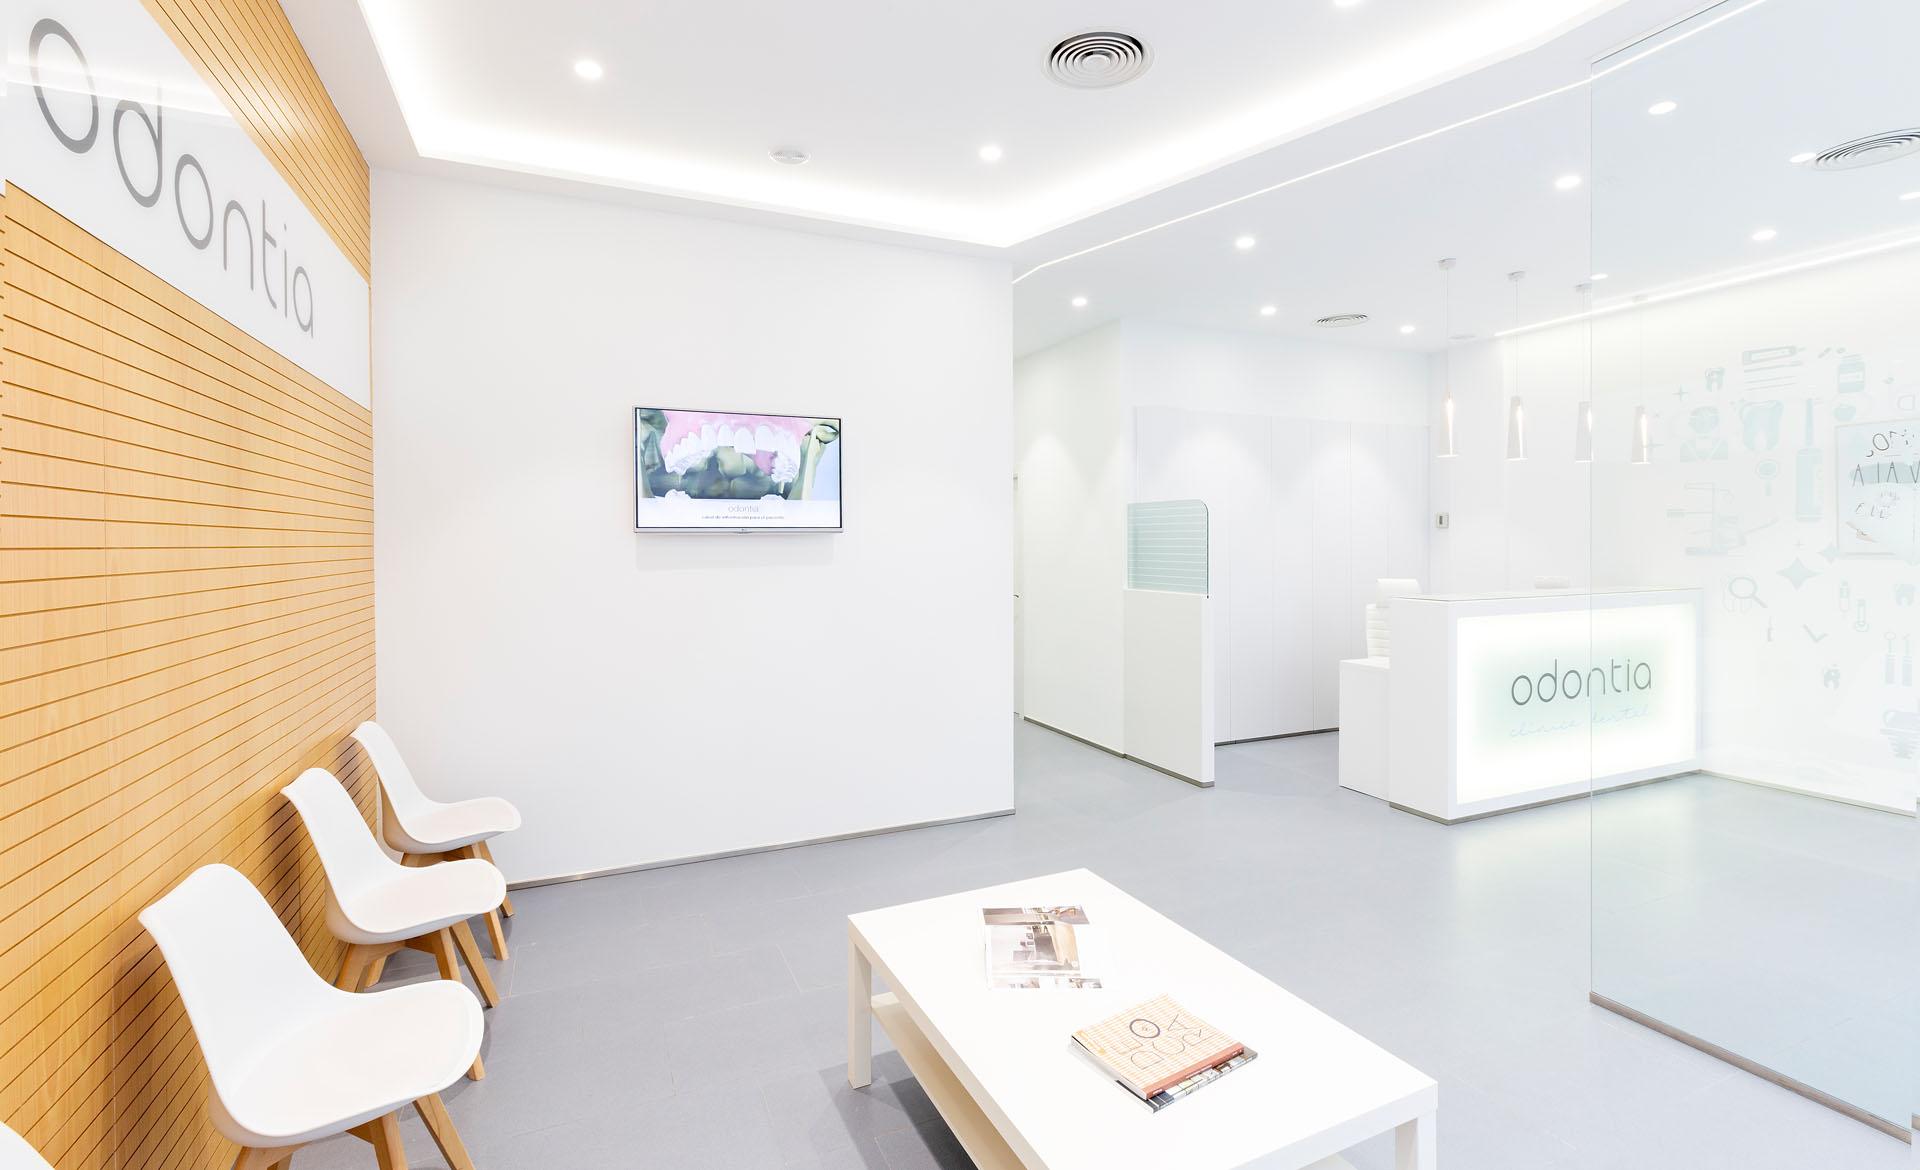 fotografo-de-arquitectura-e-interiorismo